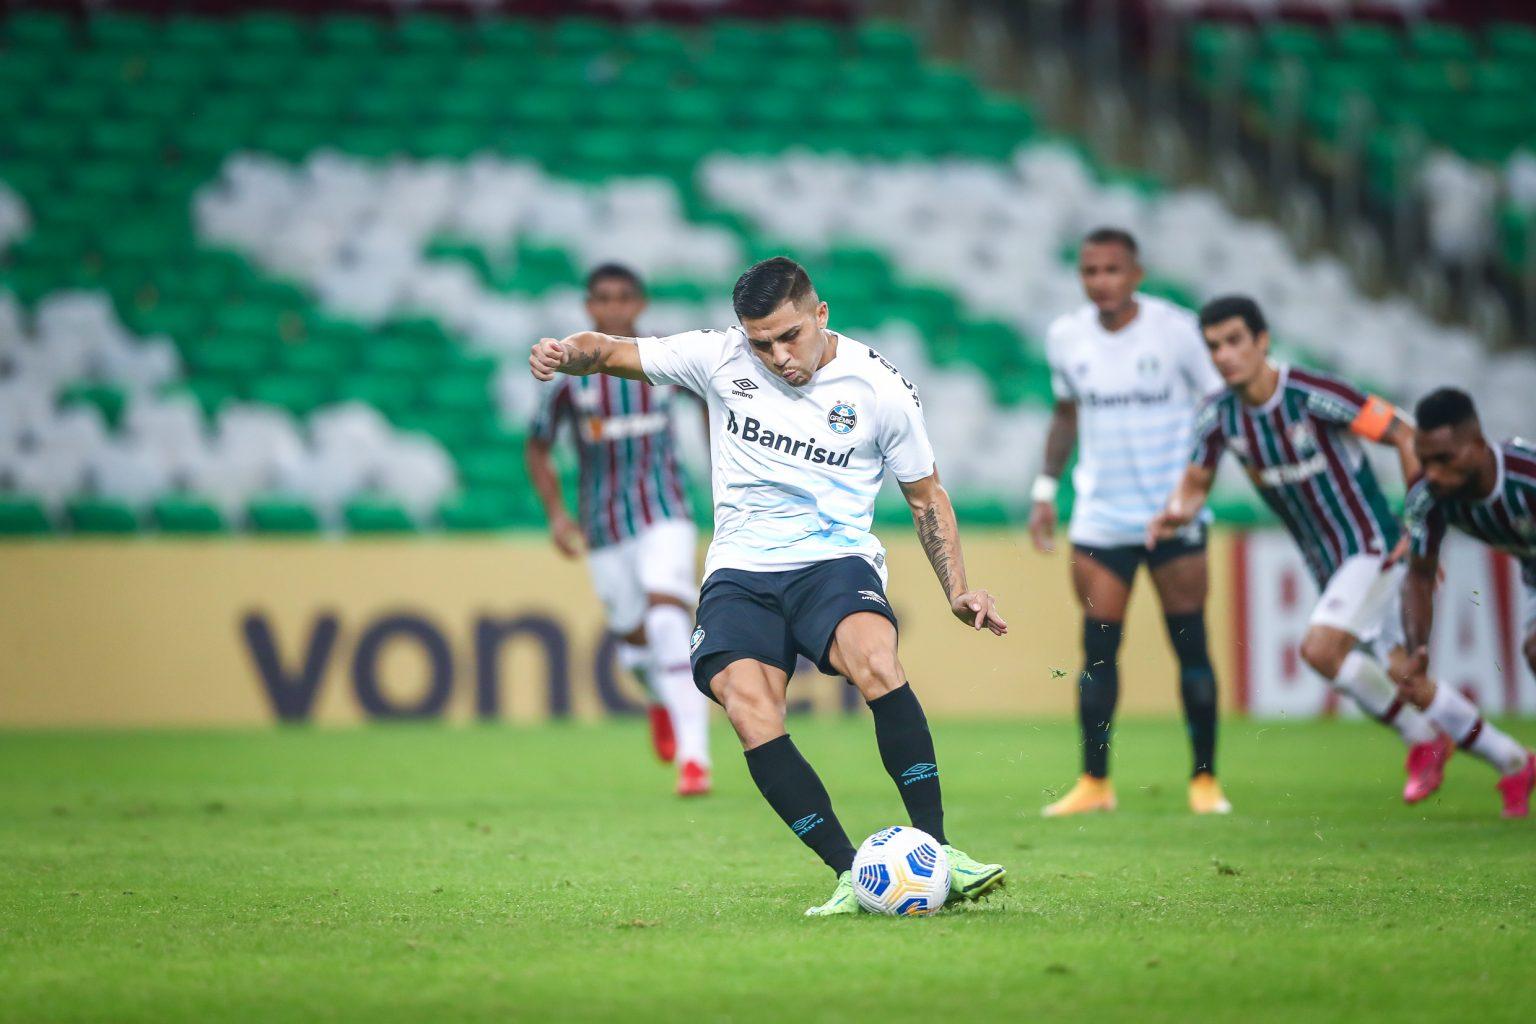 O gol da partida foi marcado de pênalti no fim do jogo por Piñares. (Foto: Lucas Uebel/Grêmio FBPA)